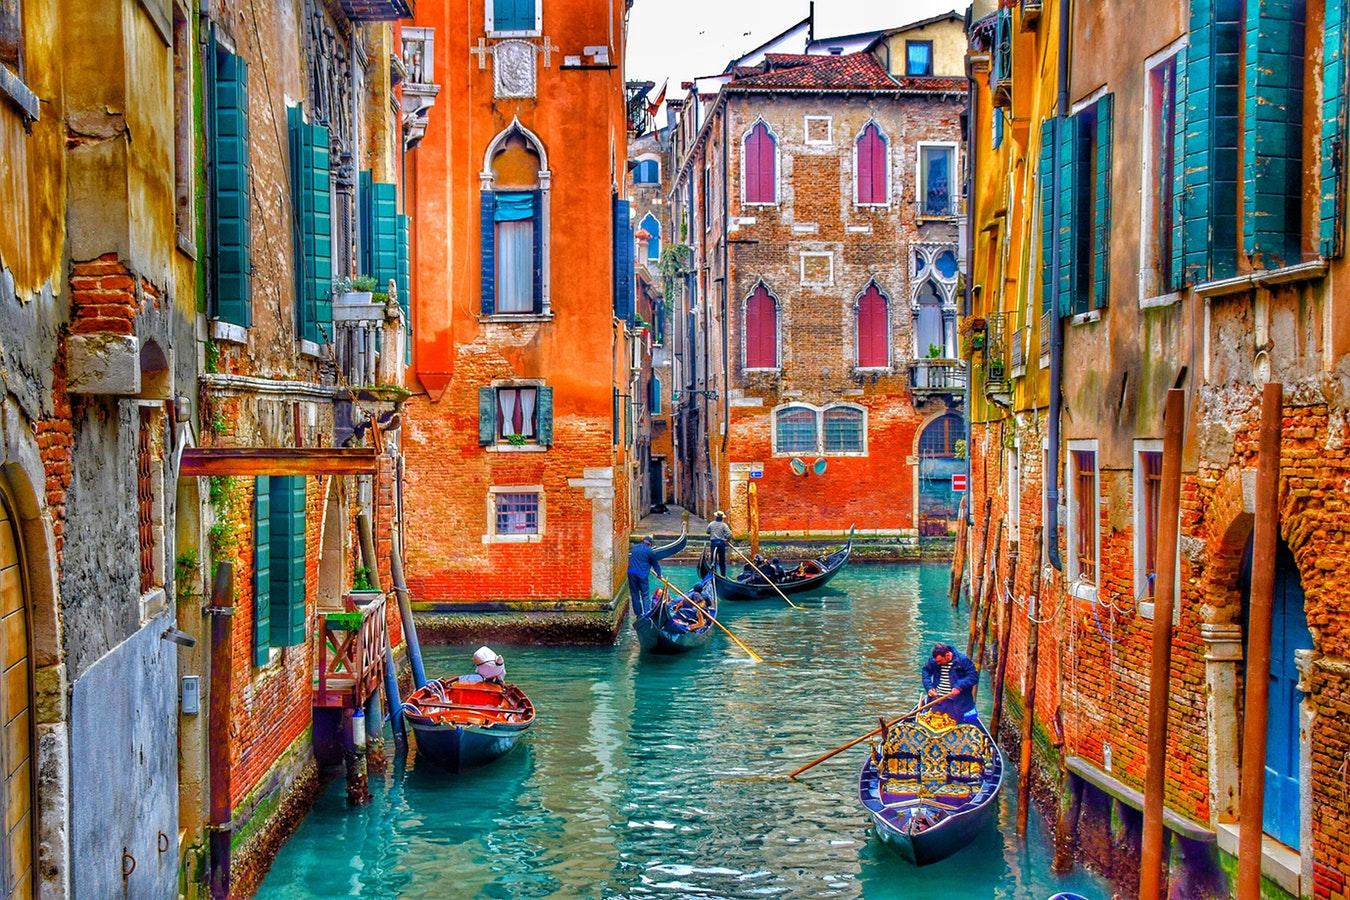 Las 10 ciudades con los canales más bellos